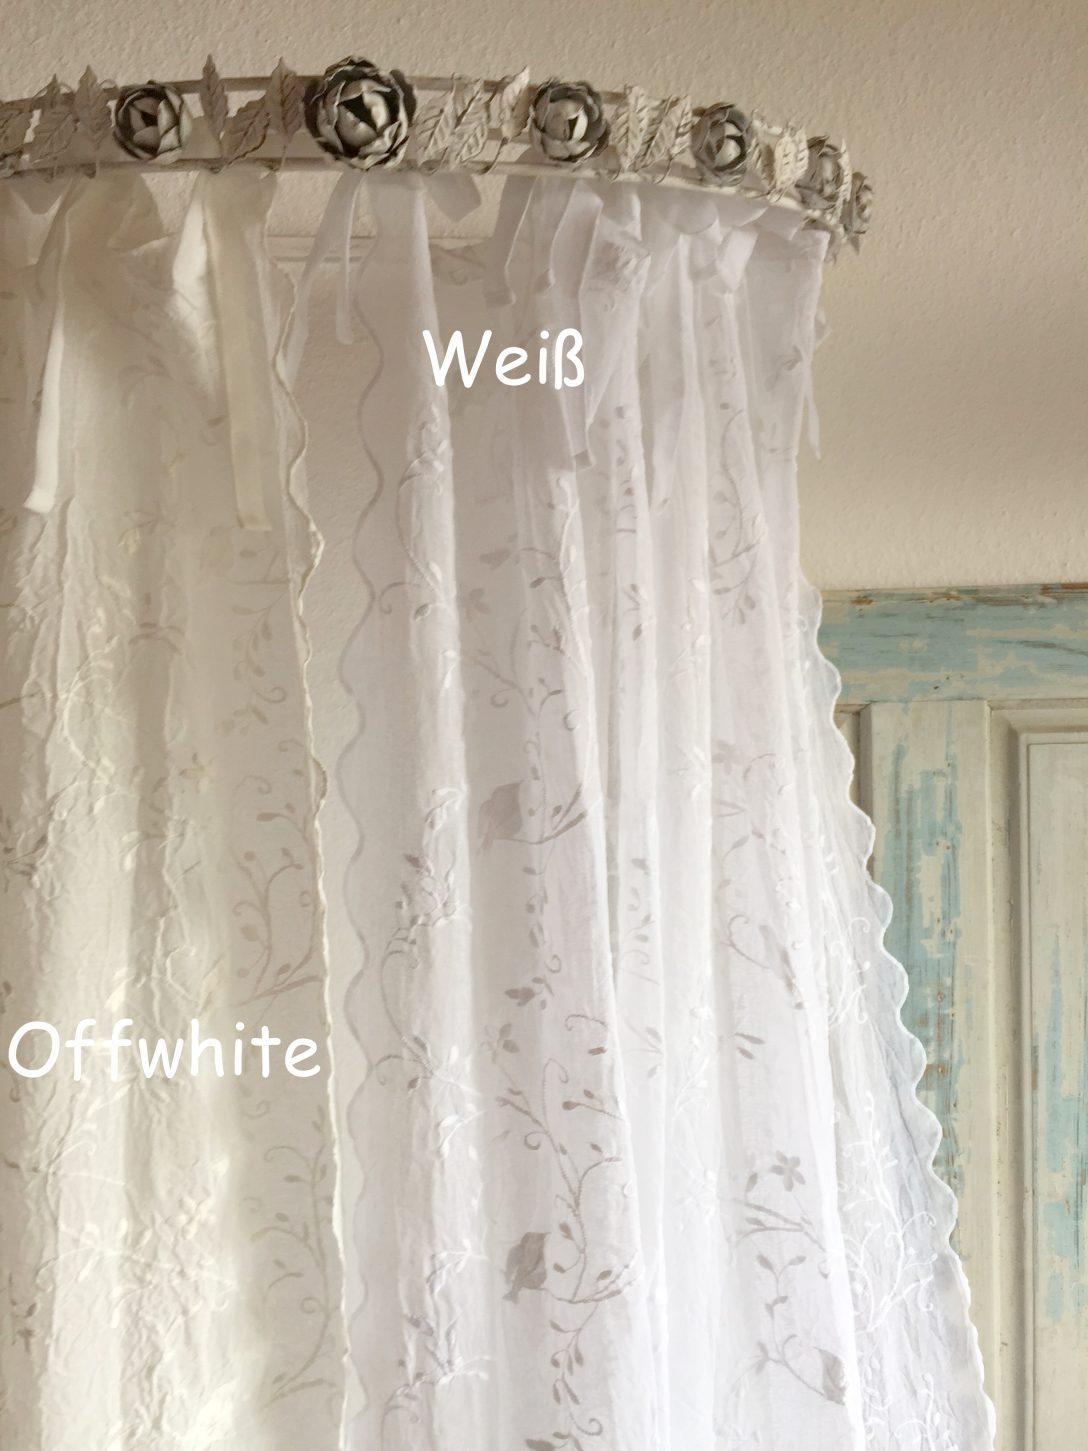 Large Size of Gardinen Landhausstil Wei Schal Bird Bestickt 200x250 Shabby Landhaus Scheibengardinen Küche Für Wohnzimmer Schlafzimmer Esstisch Weiß Fenster Die Regal Wohnzimmer Gardinen Landhausstil